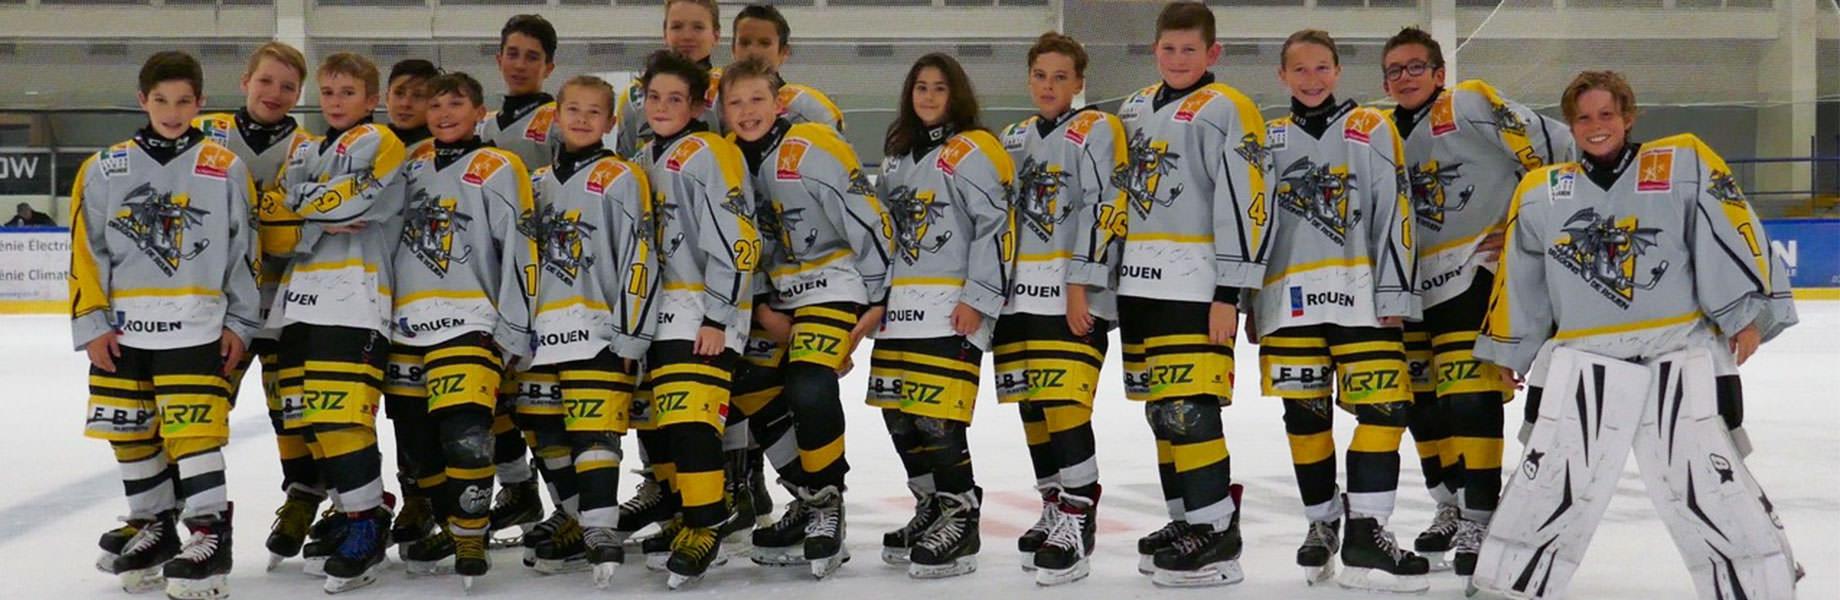 Équipe de hockey sur glace de Rouen